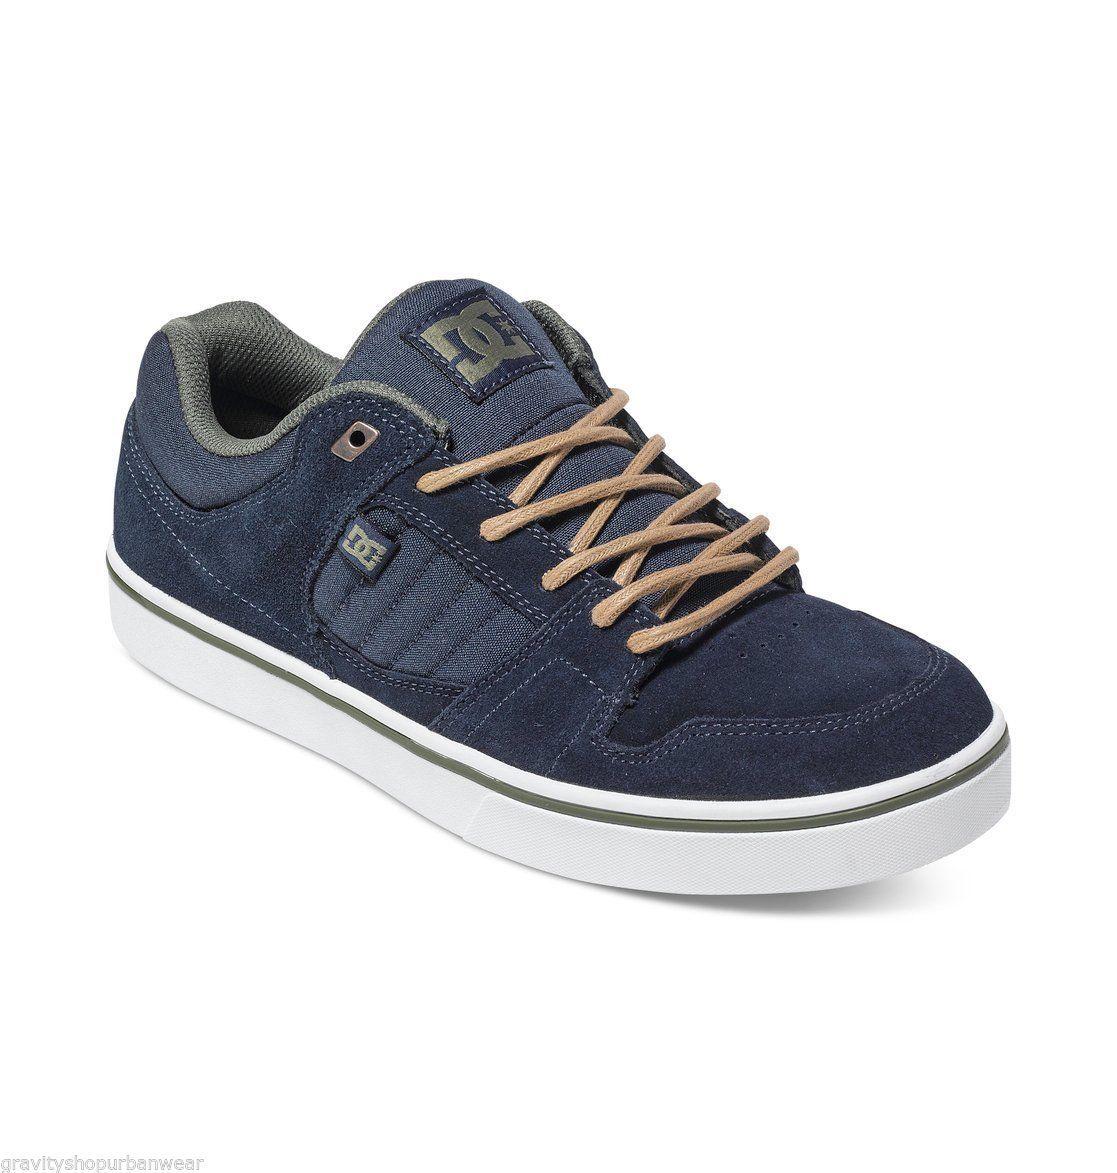 Cours Dc 2 Se - Chaussures De Sport Pour Les Hommes - Bleu rSAitGg3jC